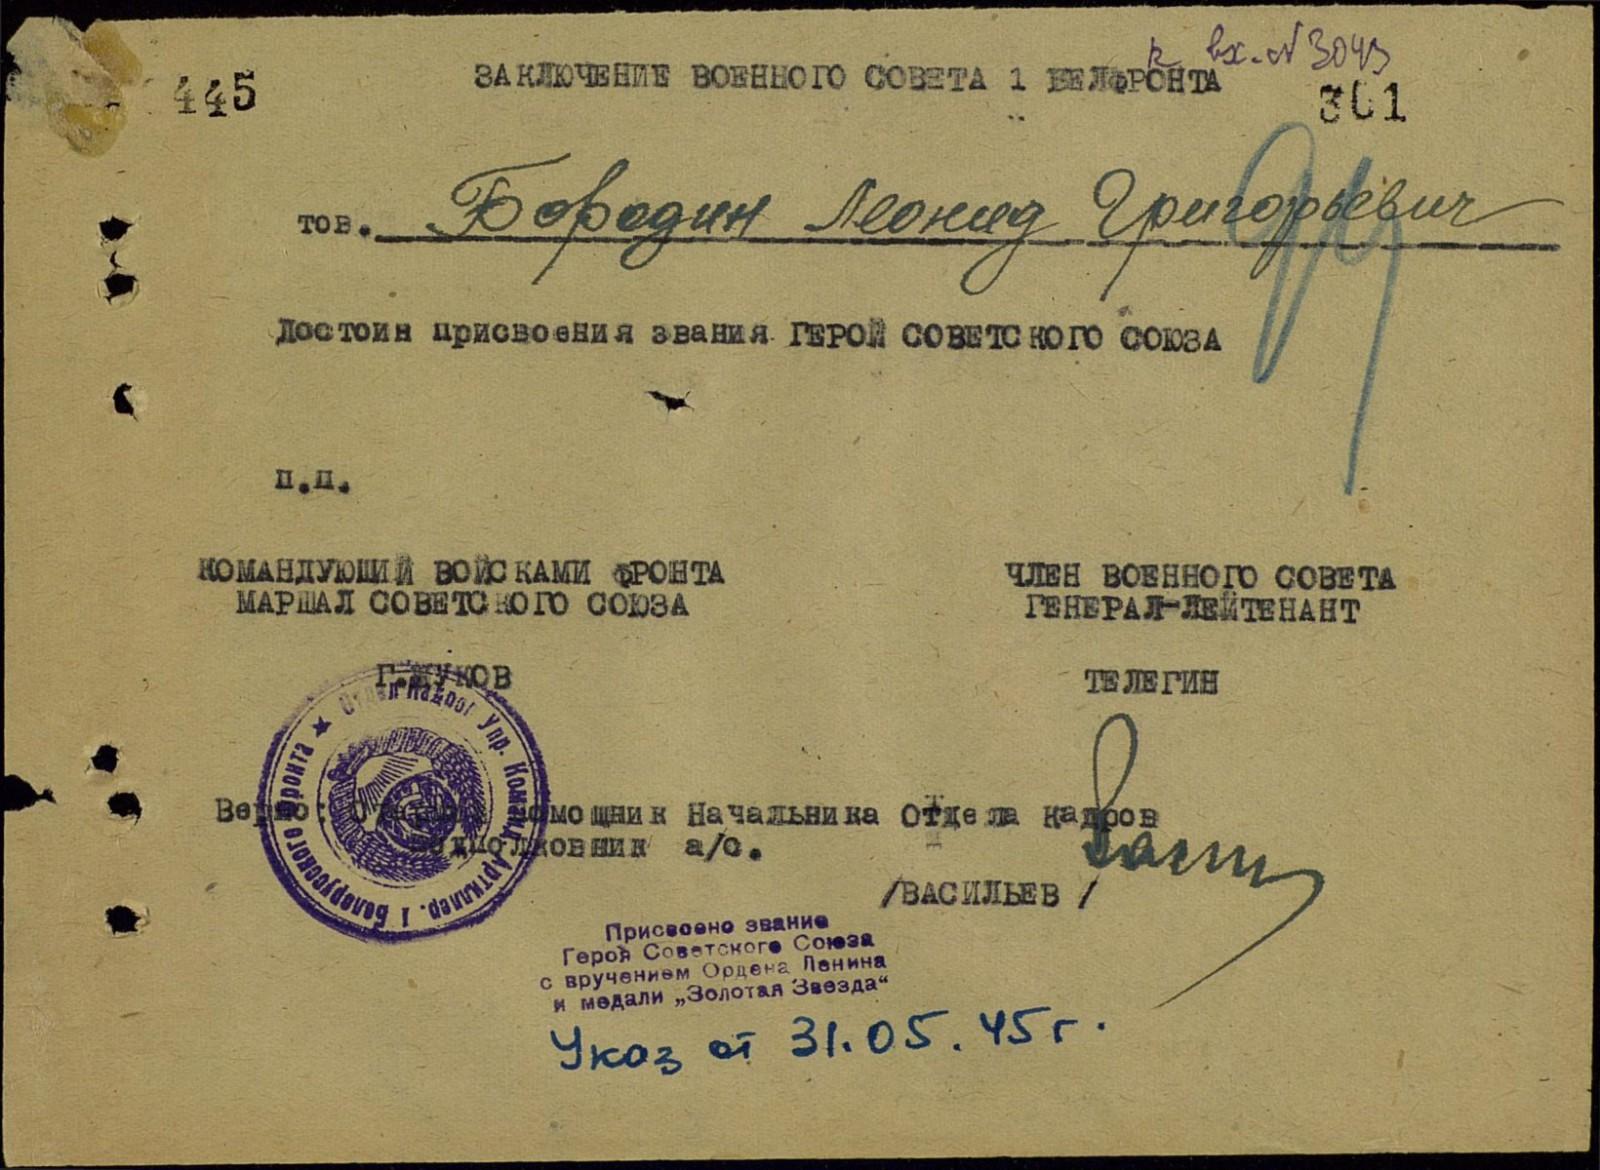 nagradnoy-borodin-leonid-grigorevich-3